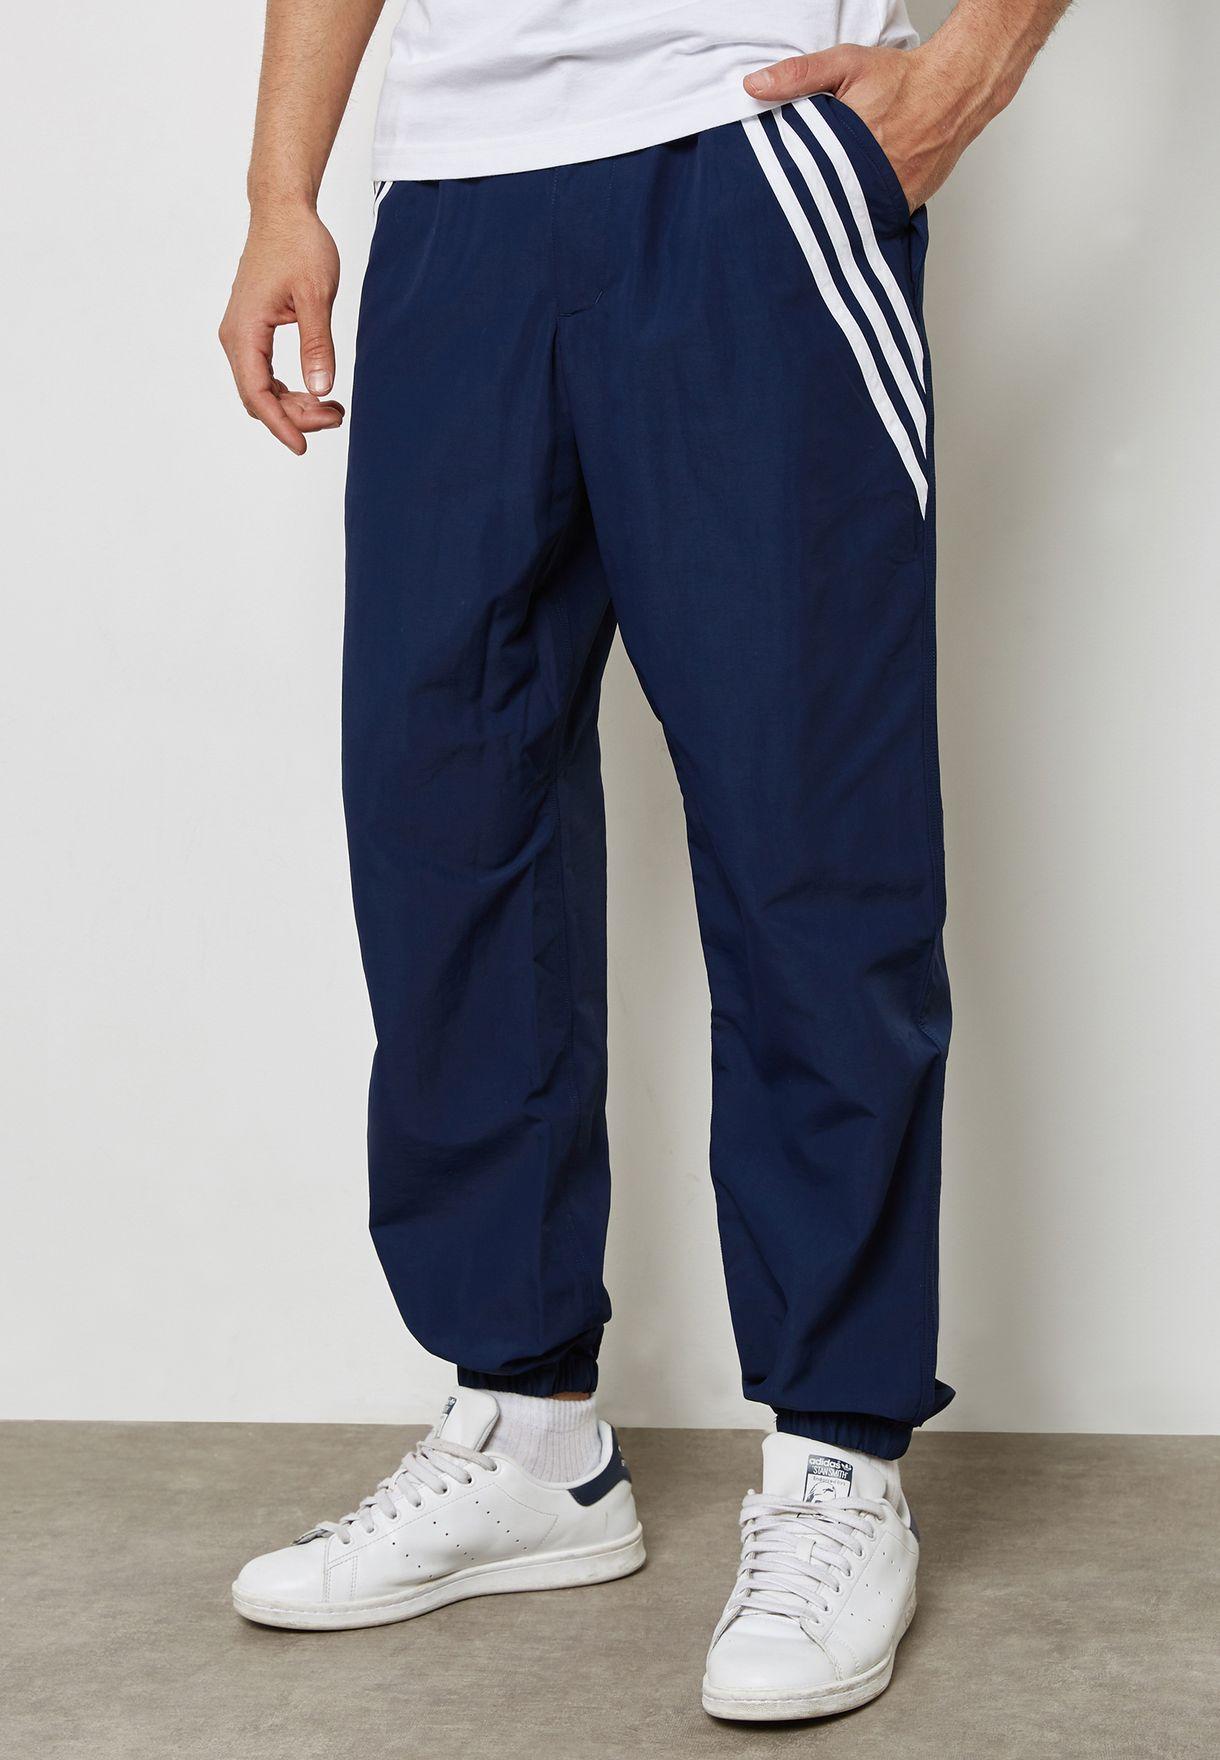 56c201622d Shop adidas Originals navy Workout Sweatpants CE1812 for Men in UAE ...